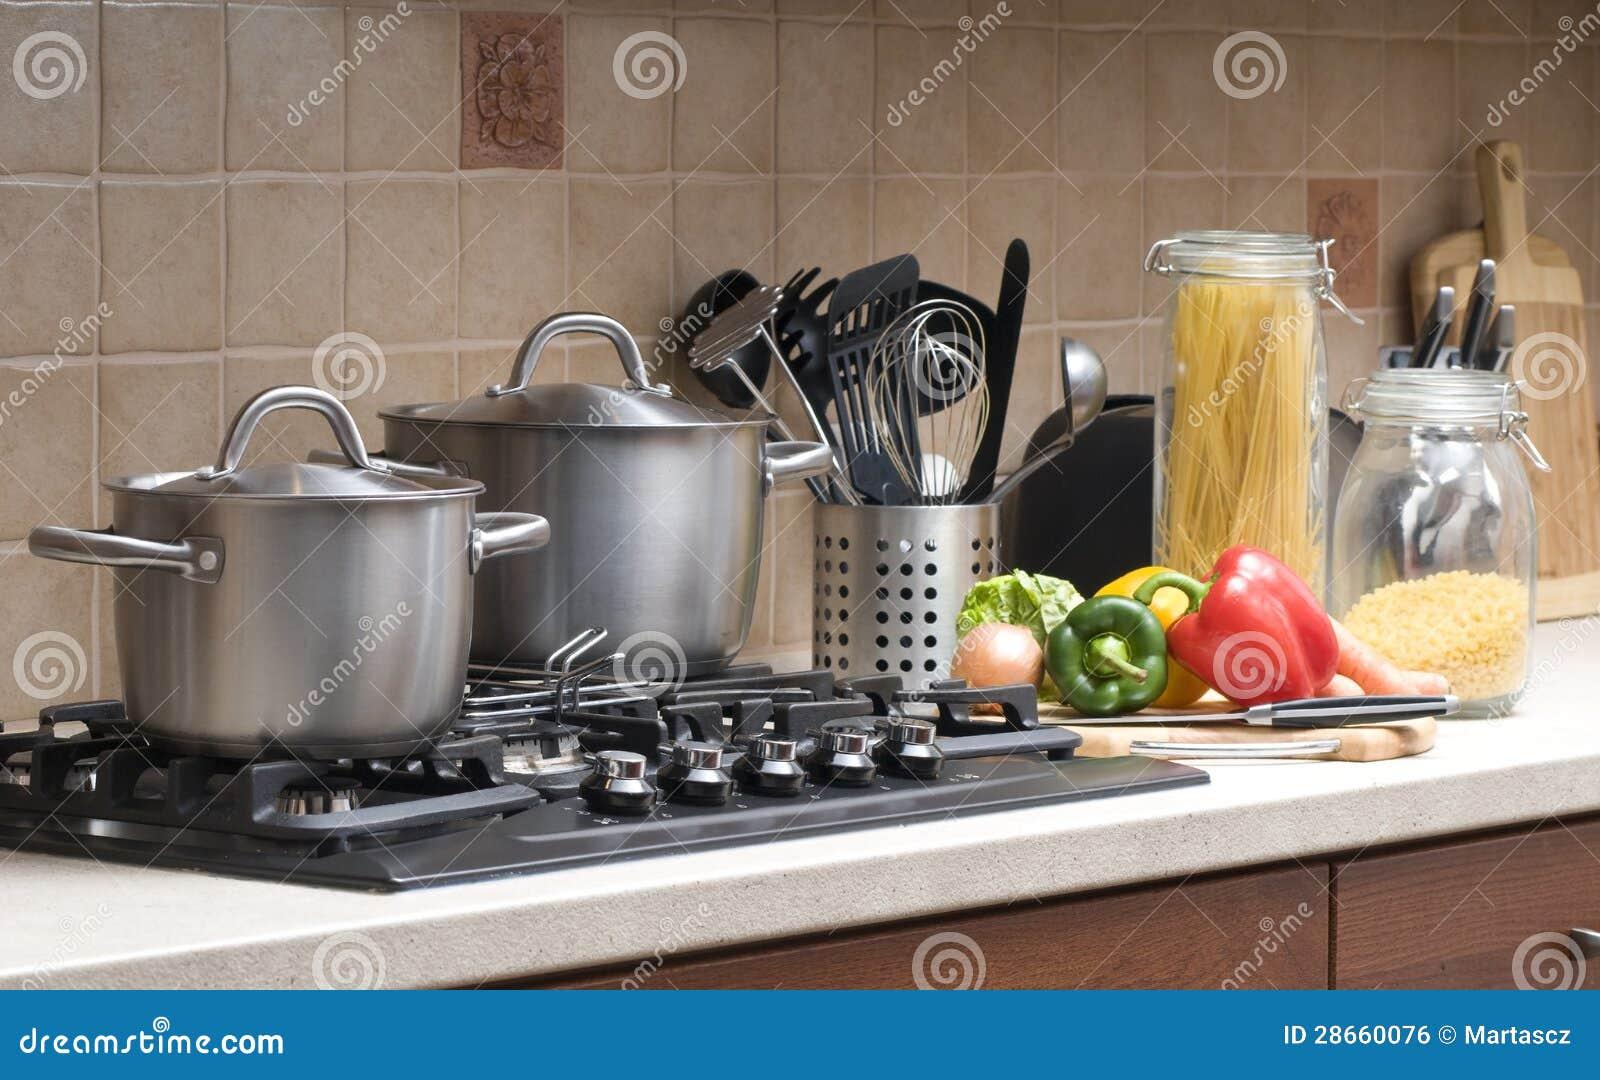 Matlagning i ett kök.